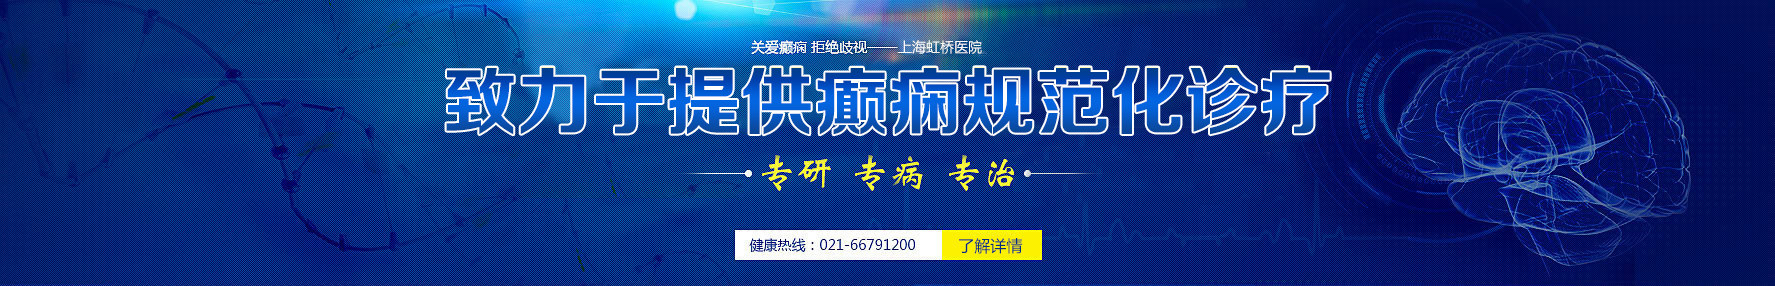 上海癫痫病在线视频偷国产精品